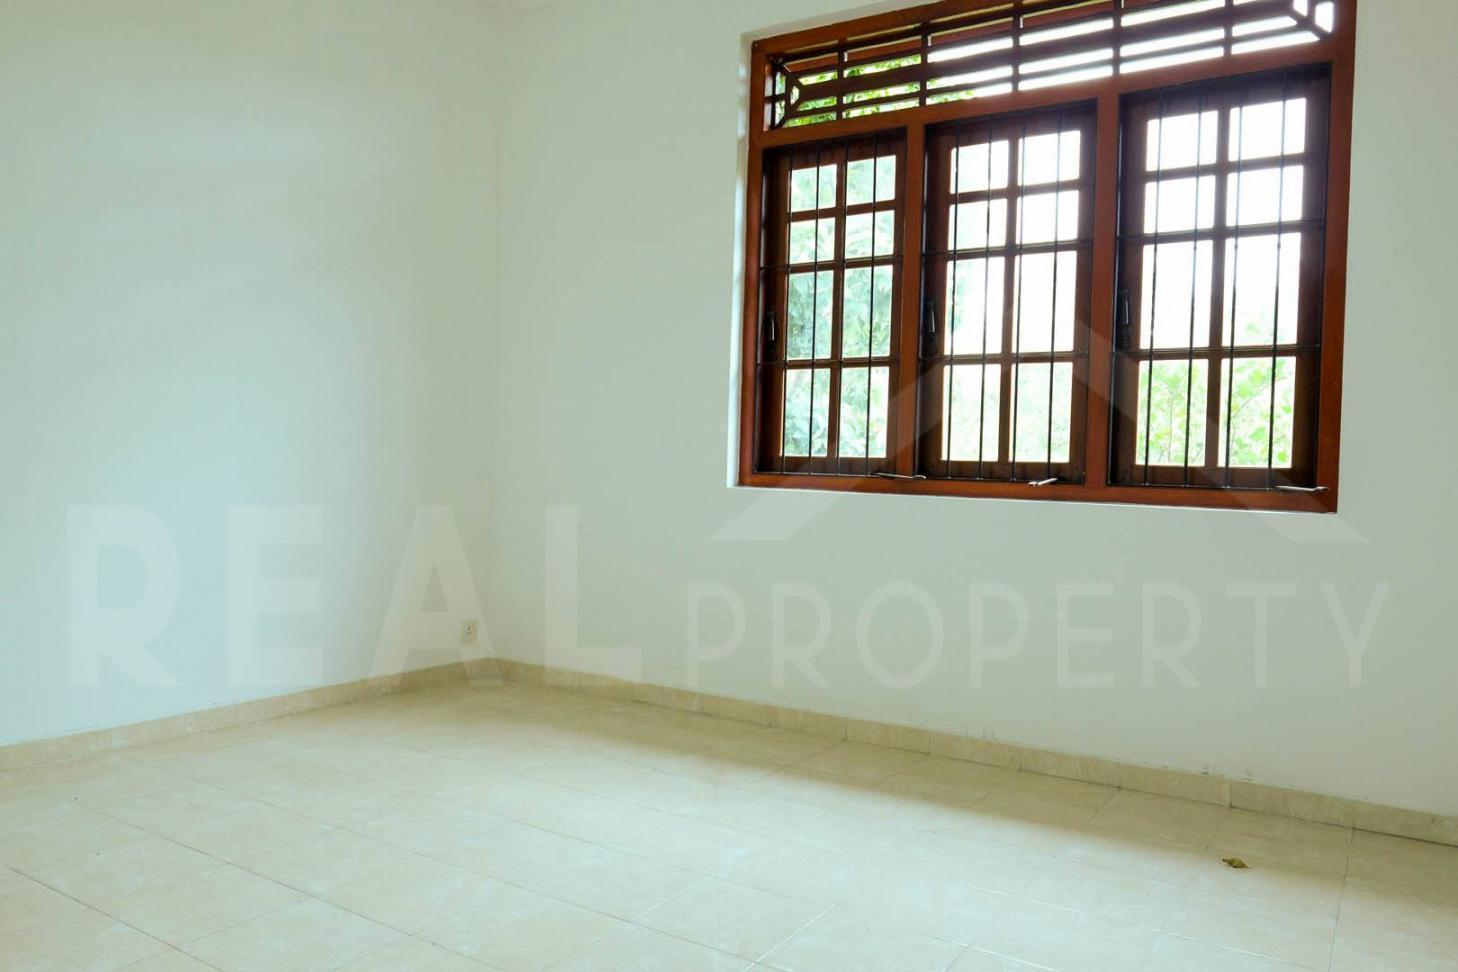 House For Sale in Athurugiriya-image 7